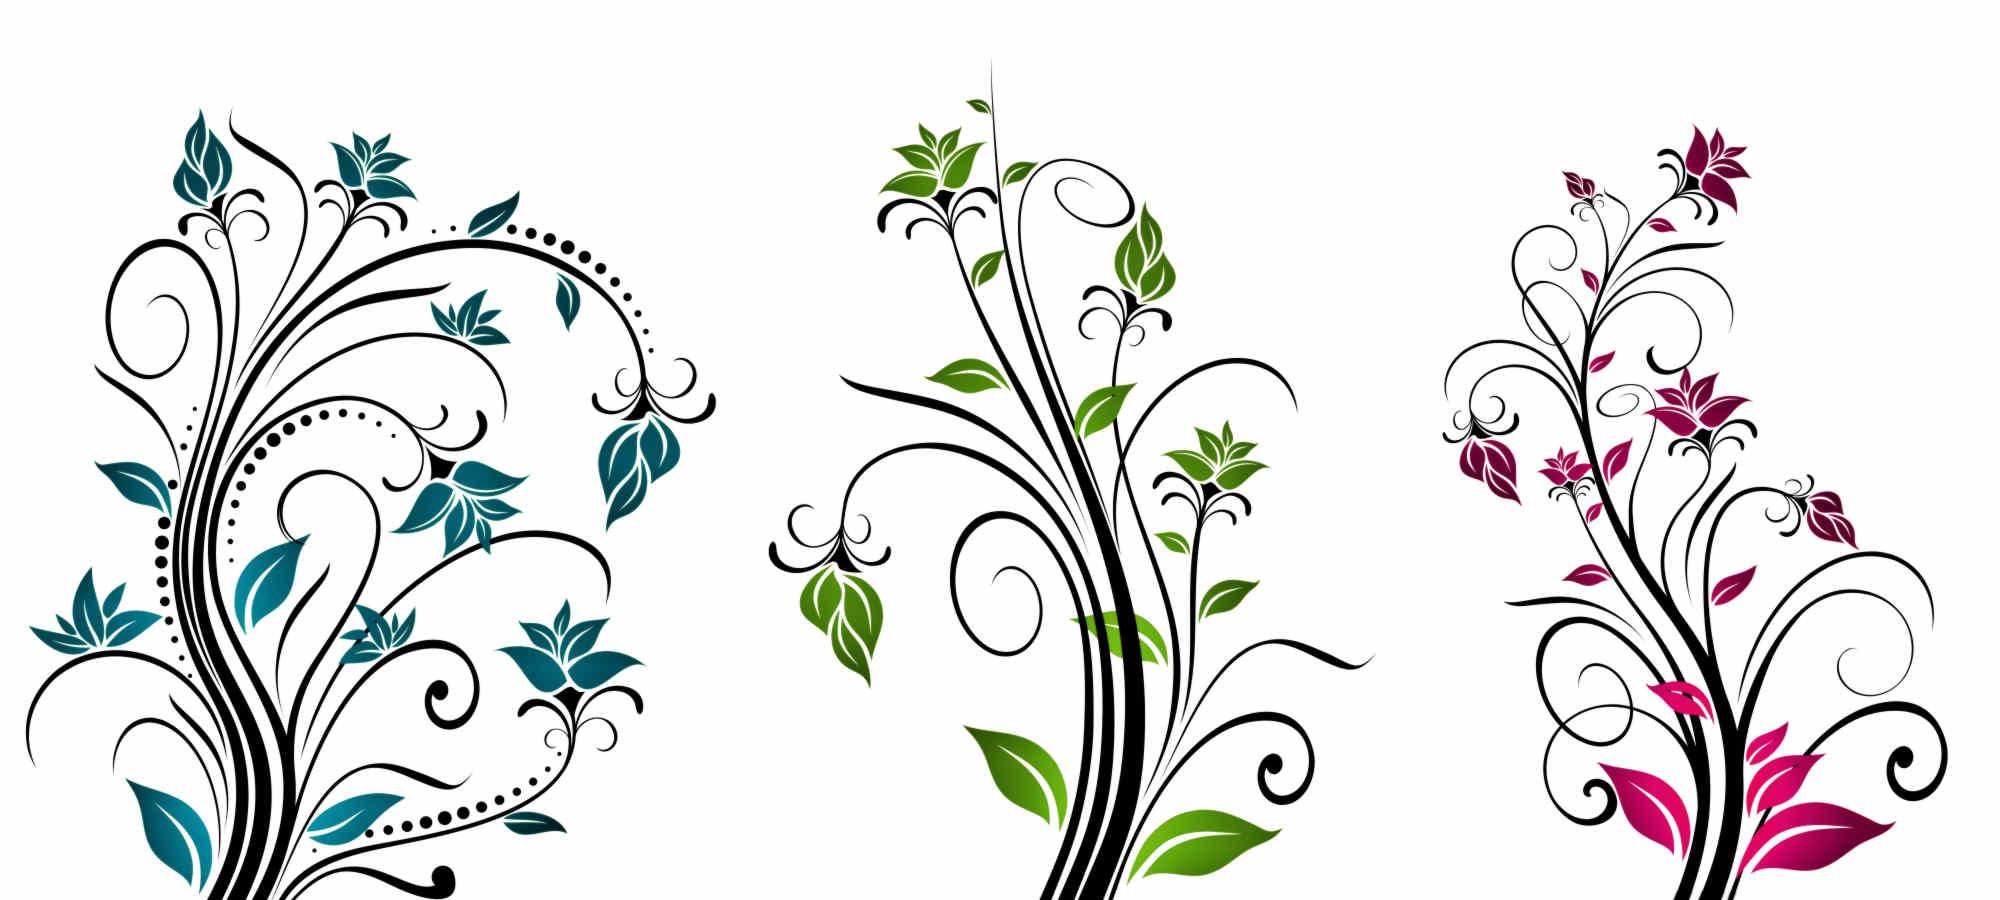 Graphic Design Art Flower Hd.